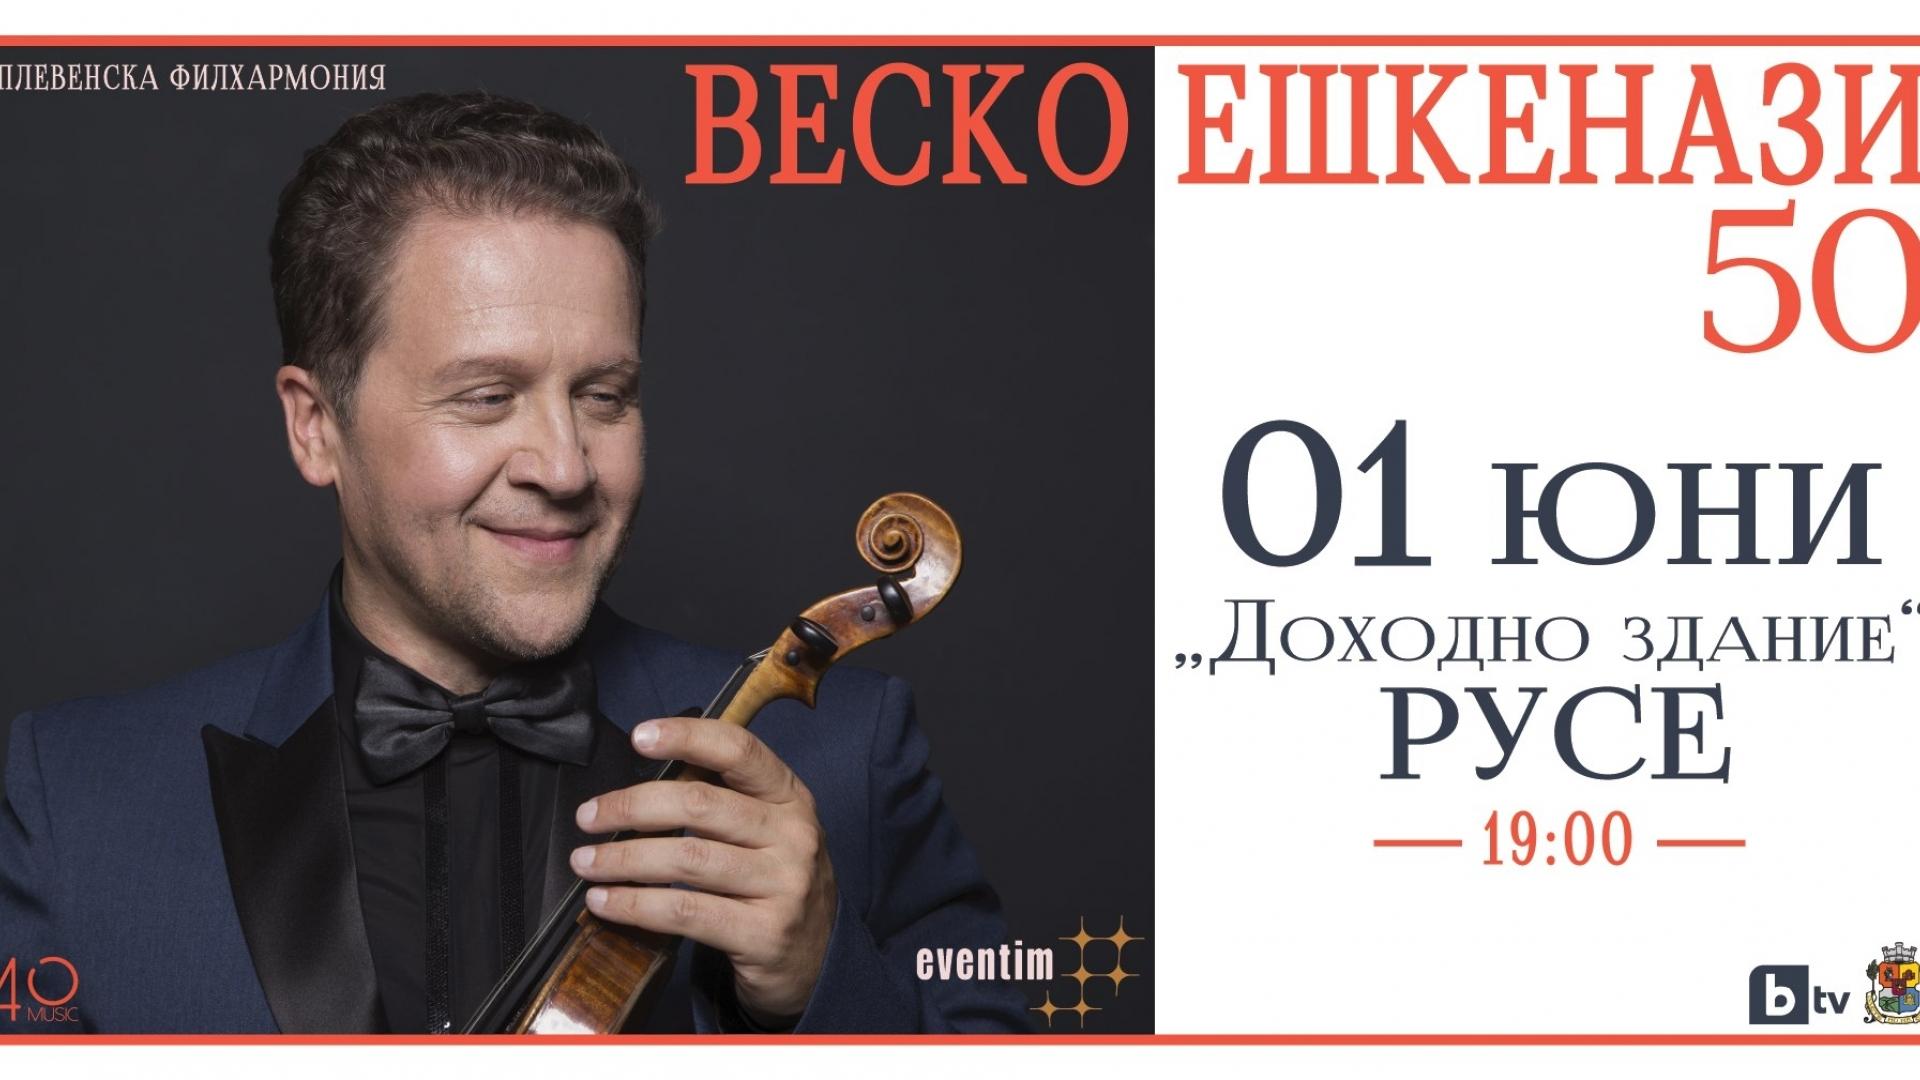 Веско Ешкенази с концерт в Русе